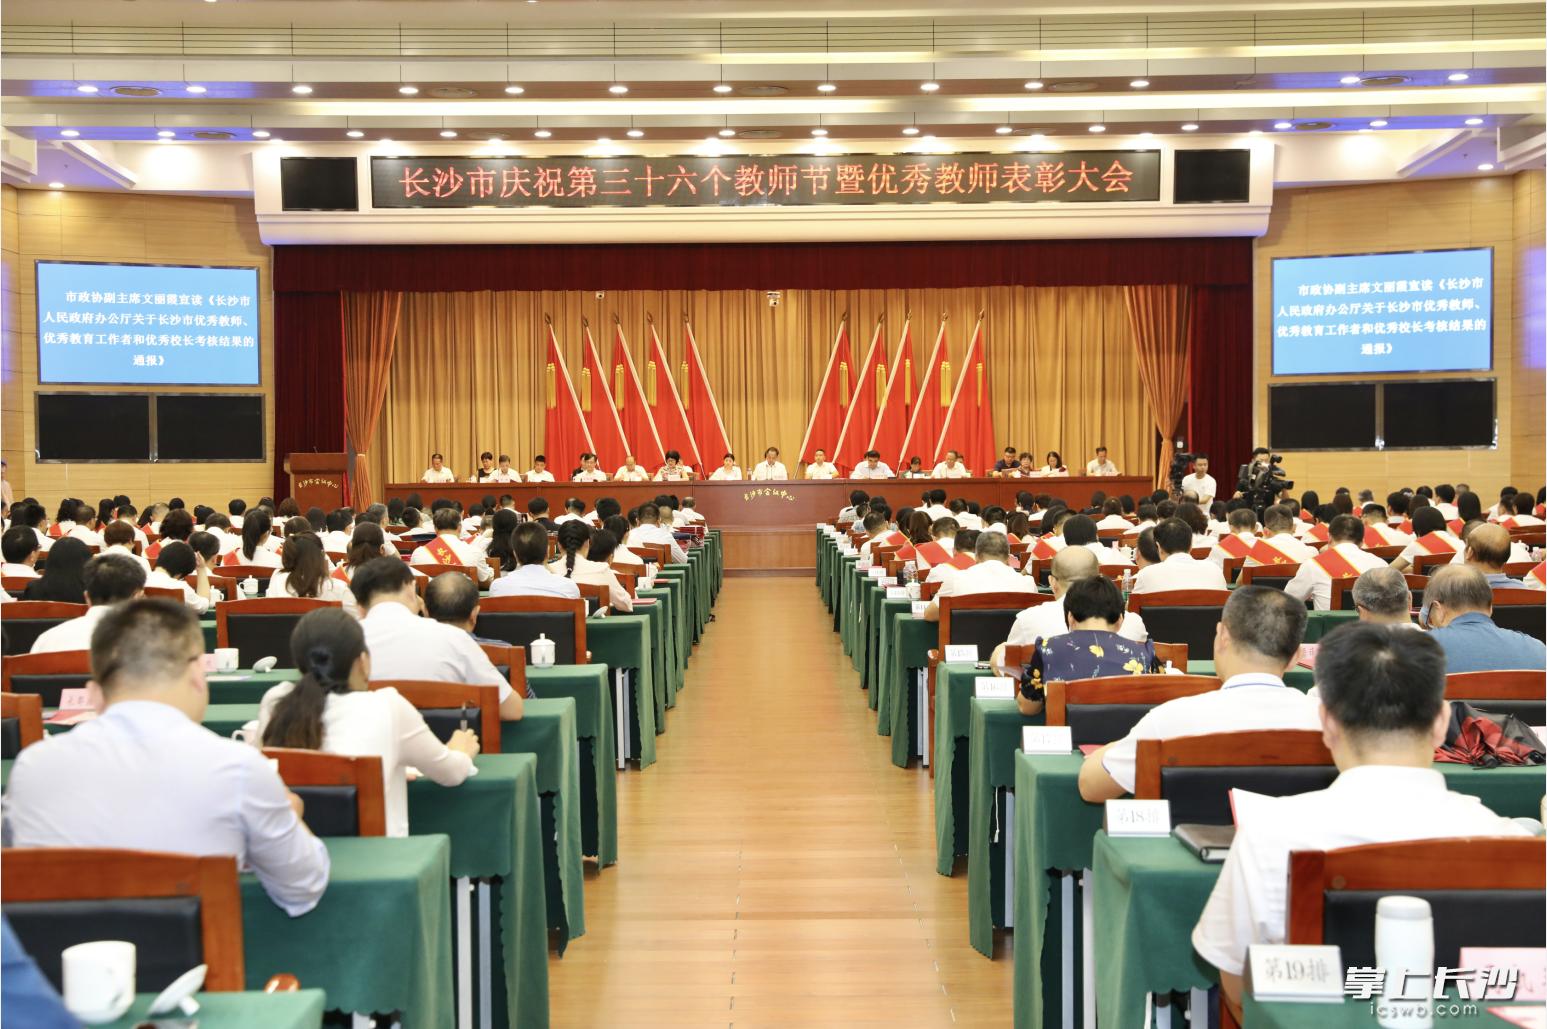 长沙市庆祝第36个教师节暨优秀教师表彰大会举行。 刘书勤 摄